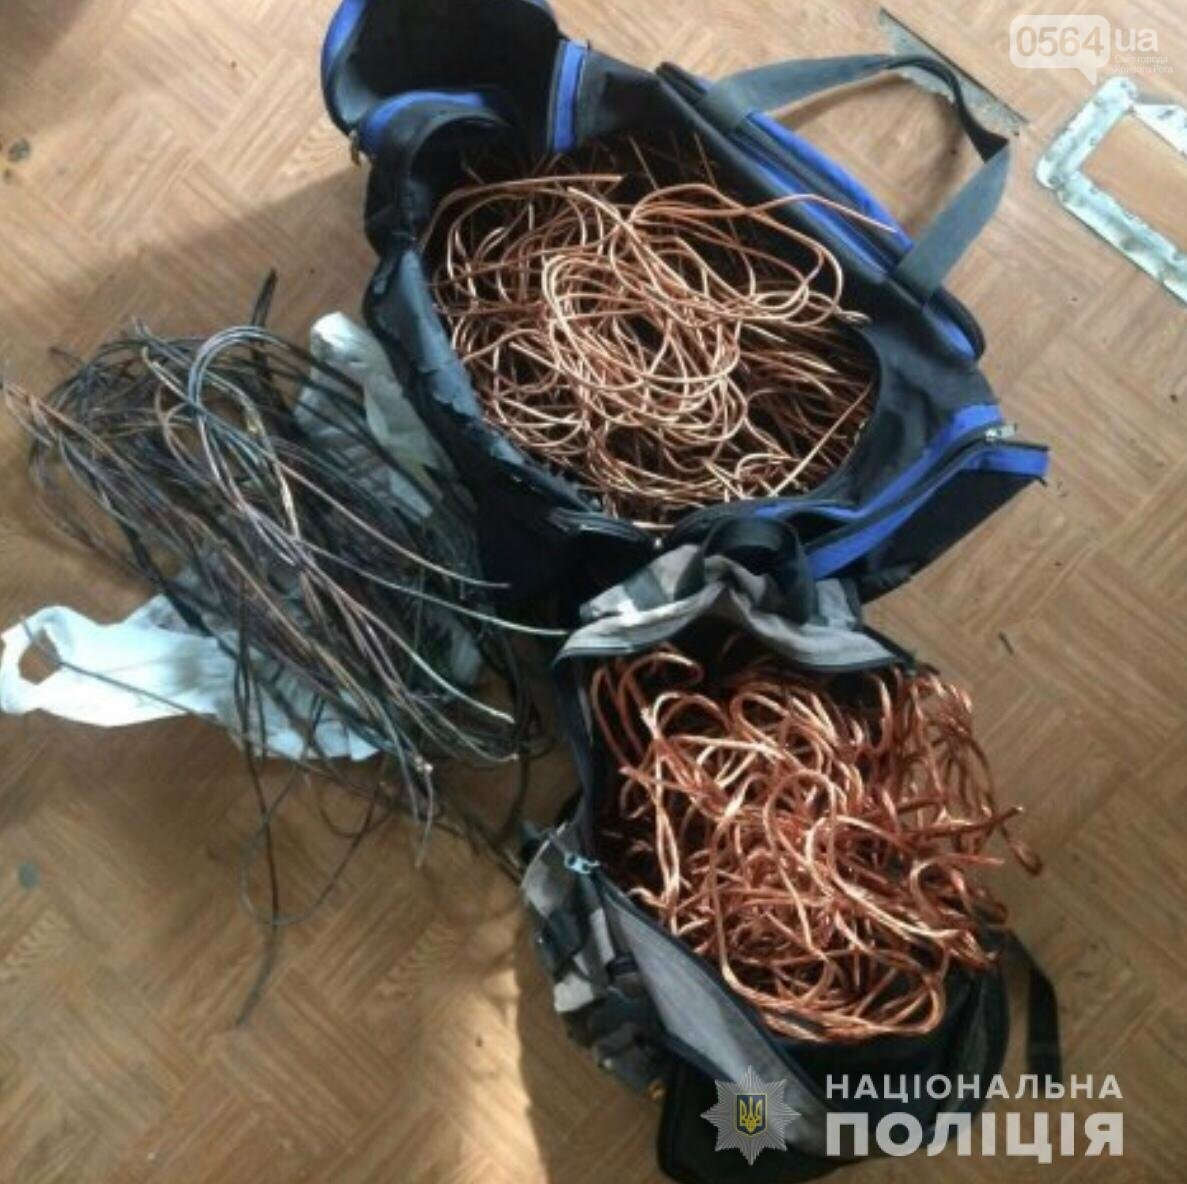 """""""Серийный кабельный вор"""" задержан в Кривом Роге, - ФОТО, фото-2"""